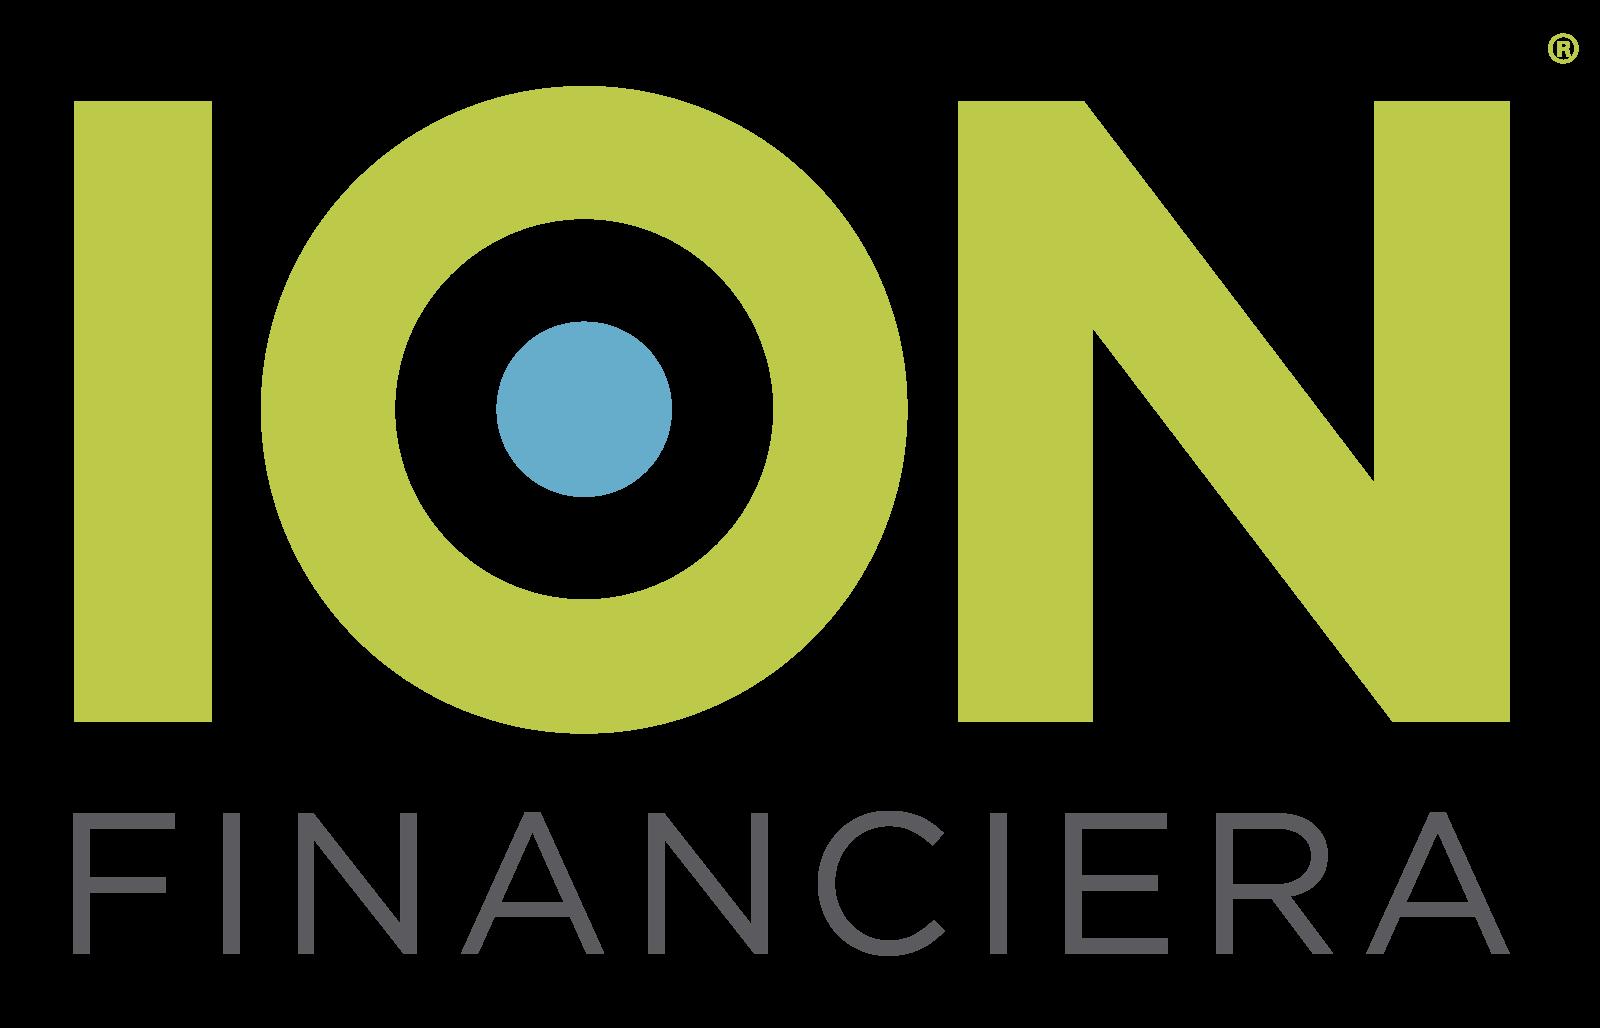 ION_Financiera-01-2